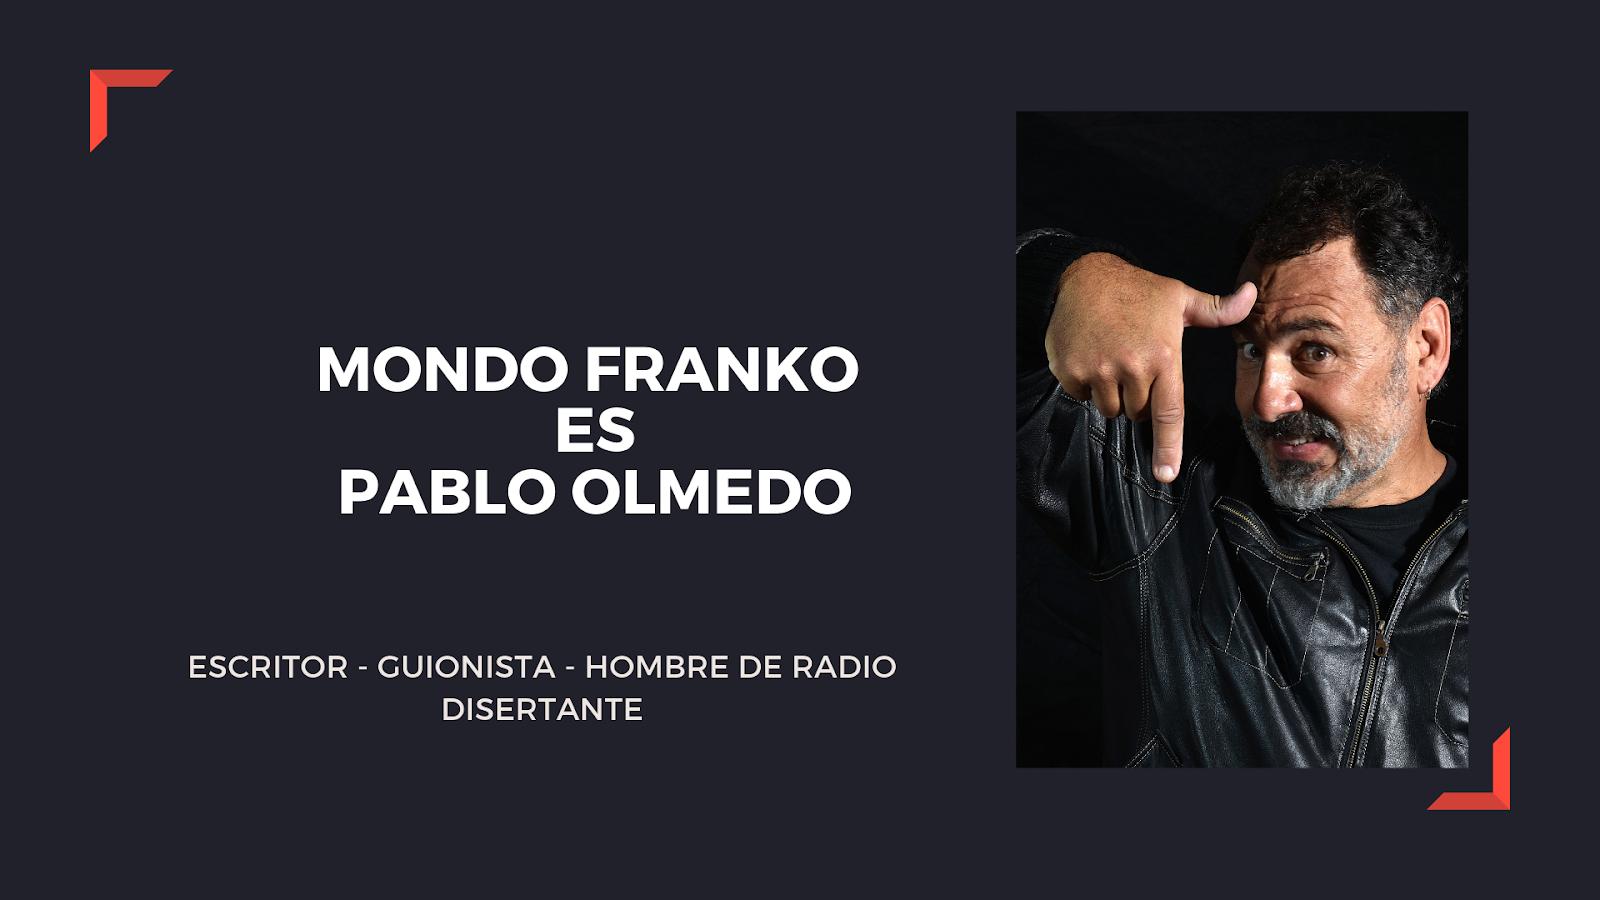 PABLO OLMEDO ESCRITOR